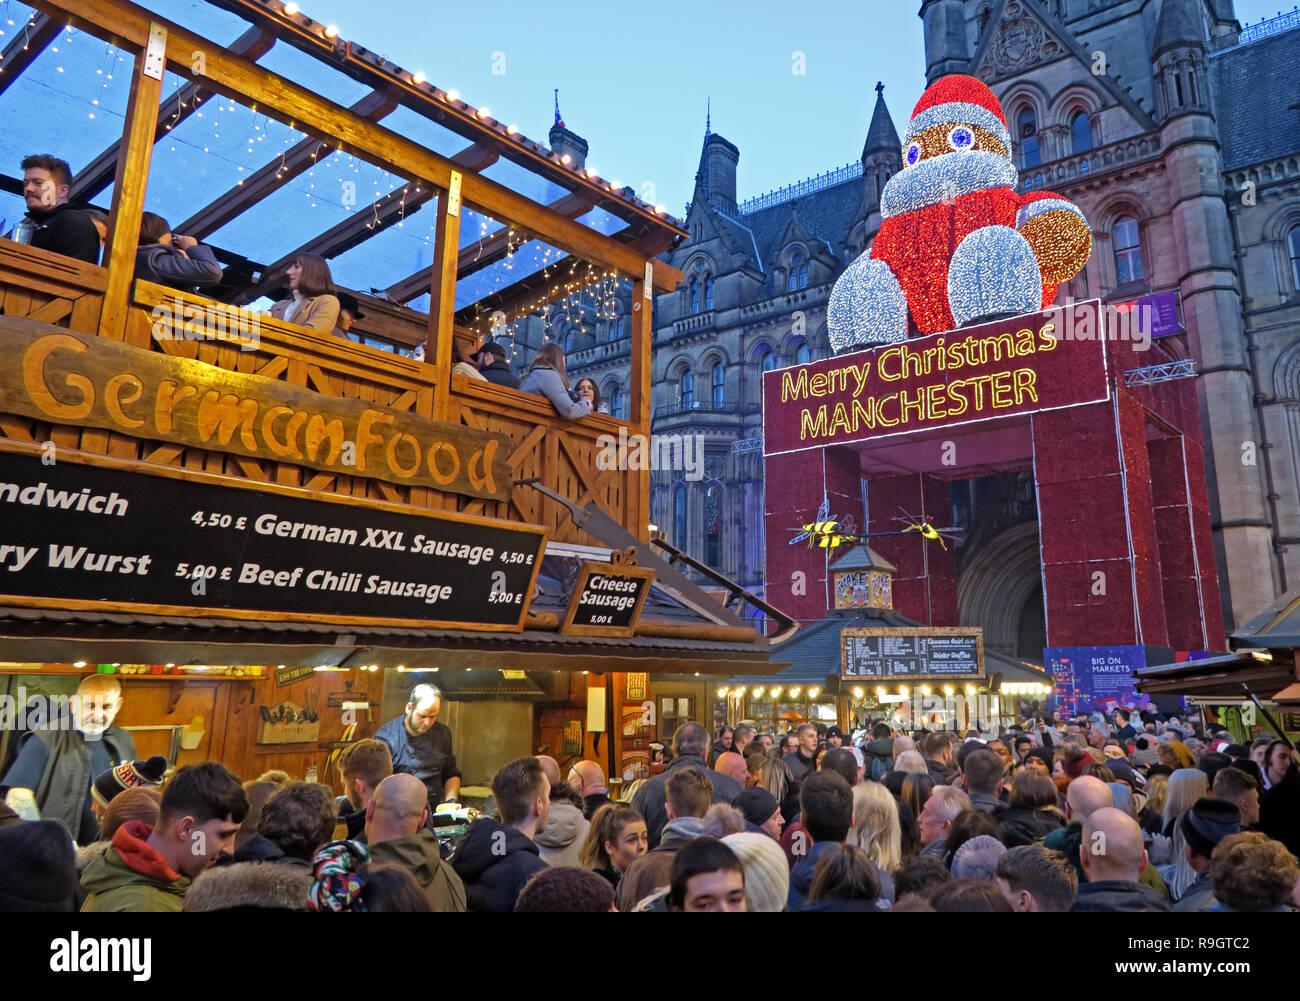 Dieses Stockfoto: Deutsches Essen, Weihnachtsmärkte, Albert Square, Manchester, Lancashire, North West England, Großbritannien, in der Dämmerung - R9GTC2